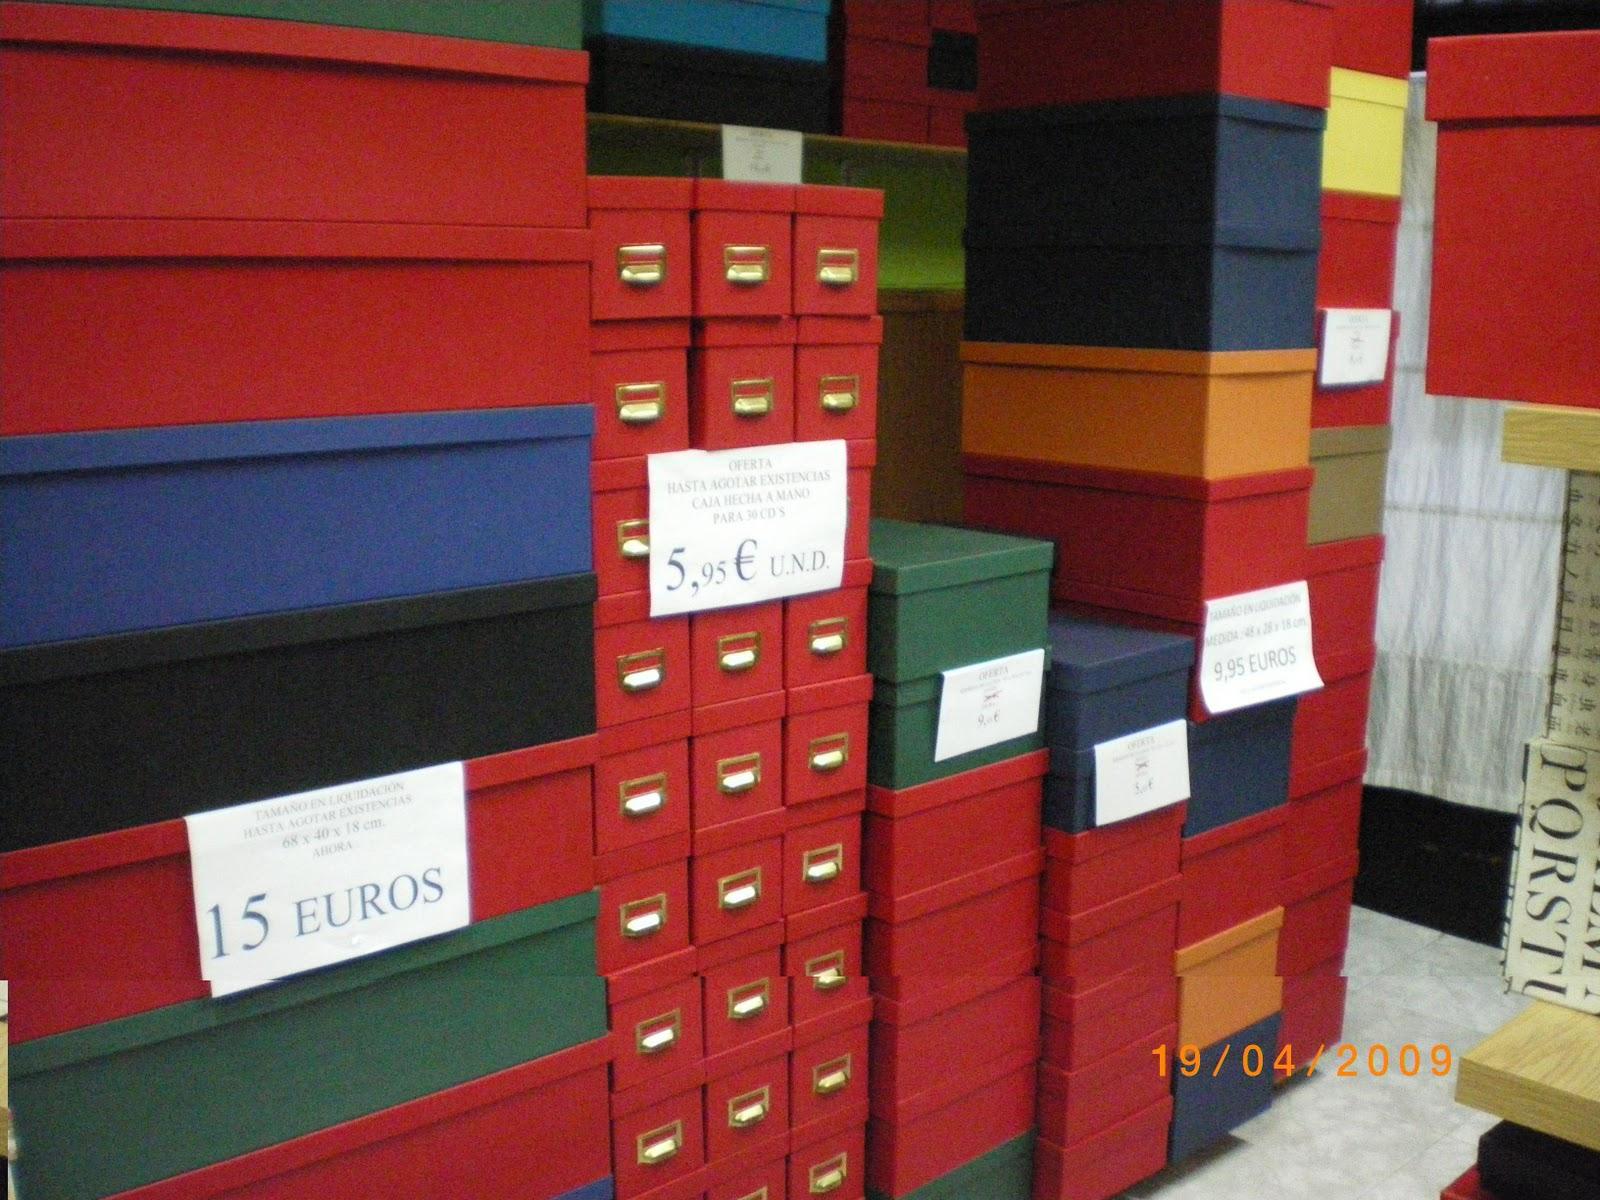 Cajas de cart n a medida cajas de regalo de tienda for Cajas de carton madrid